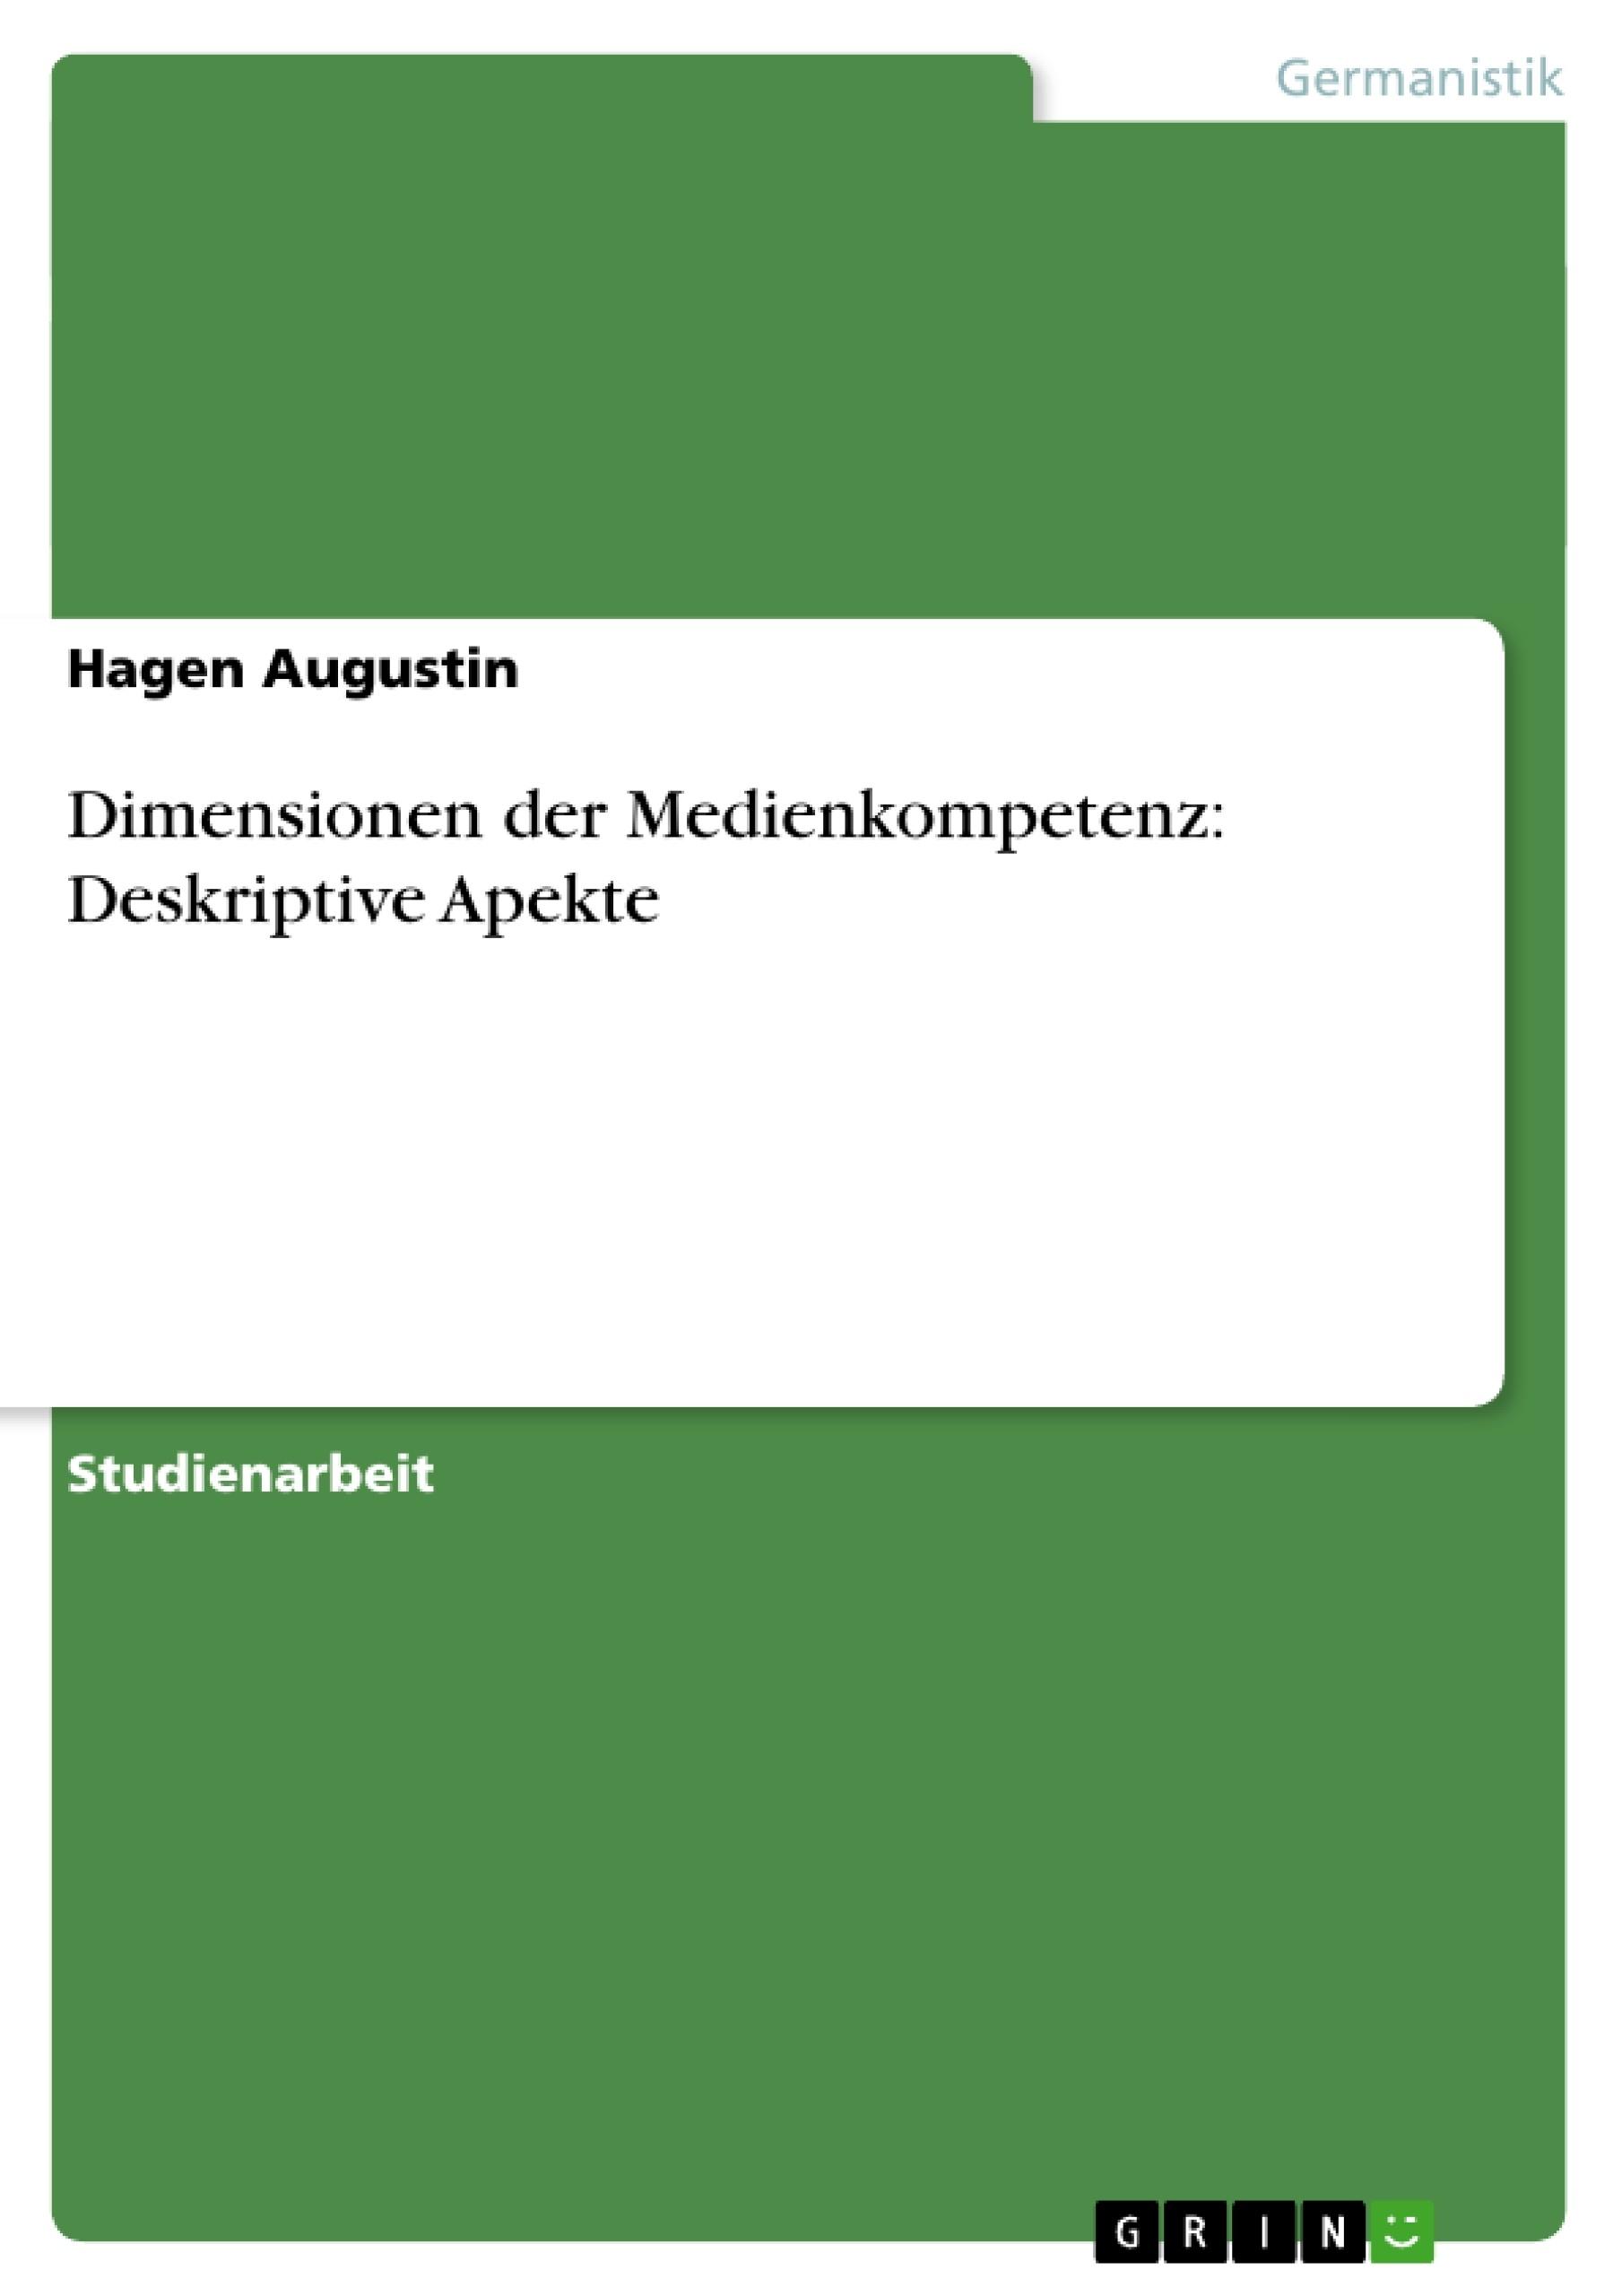 Titel: Dimensionen der Medienkompetenz: Deskriptive Apekte